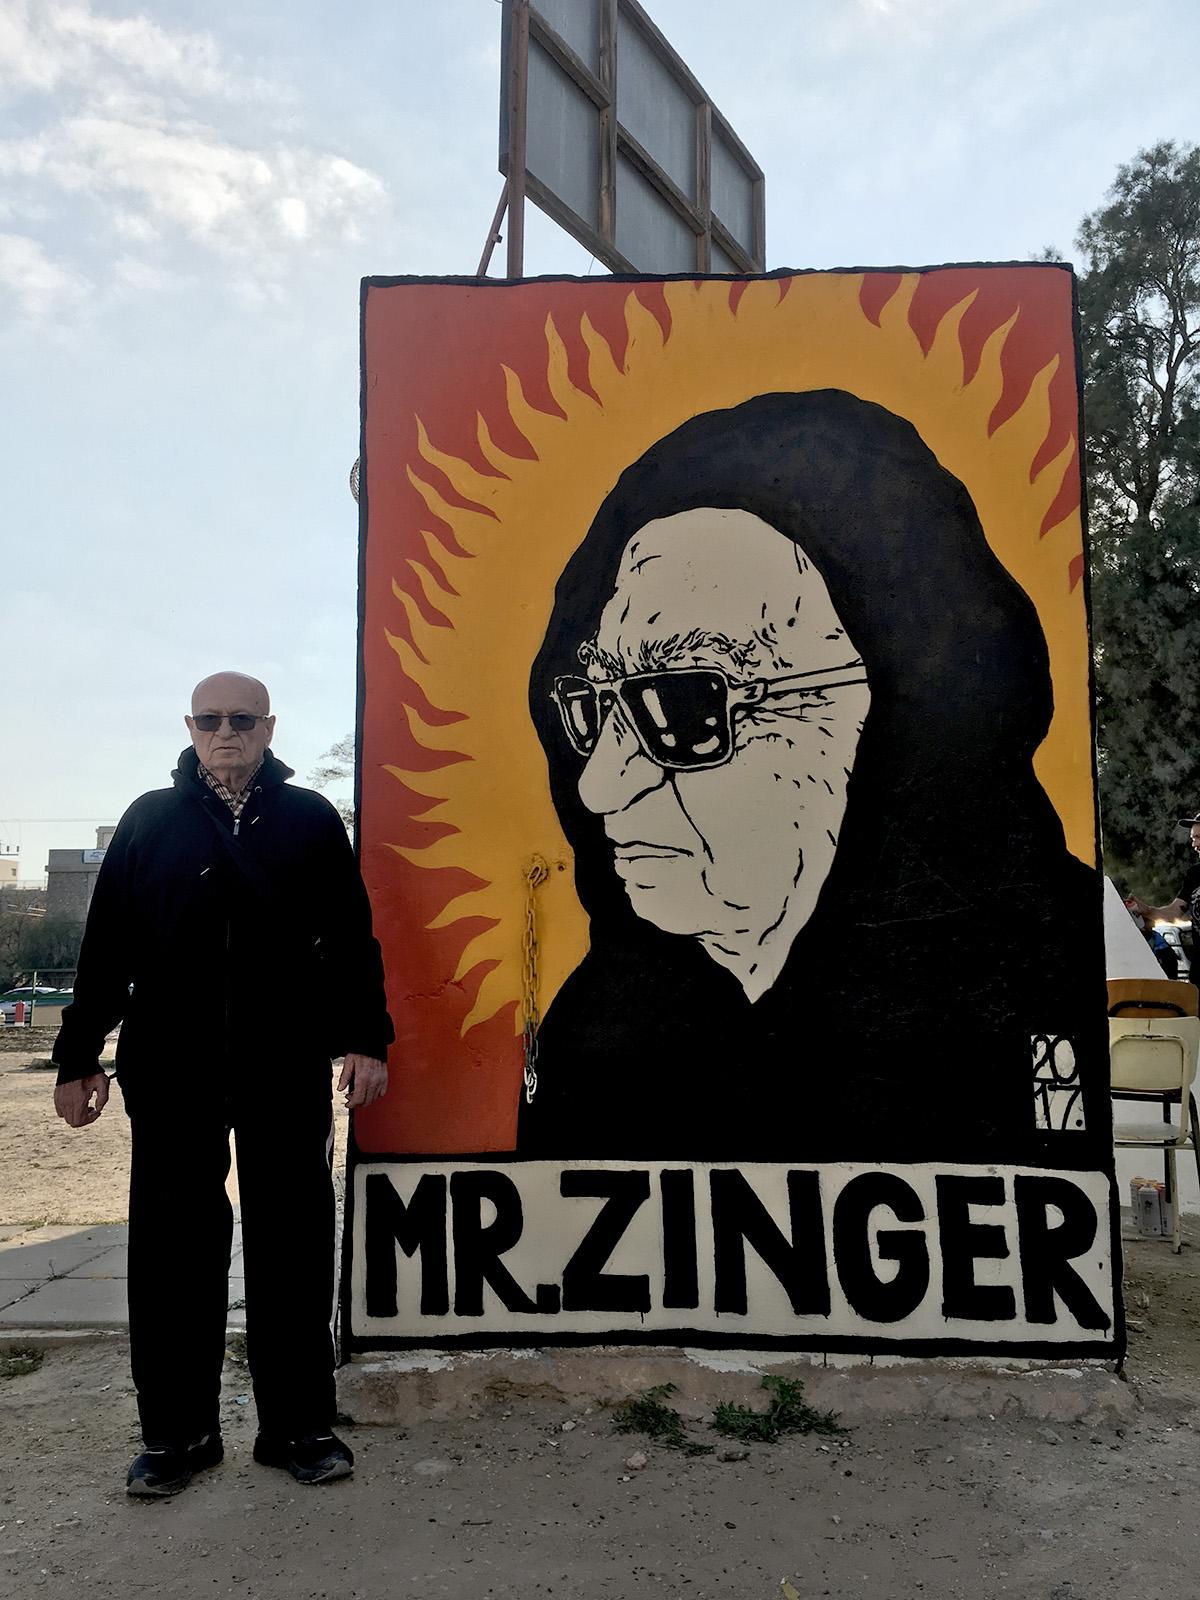 MRZINGER